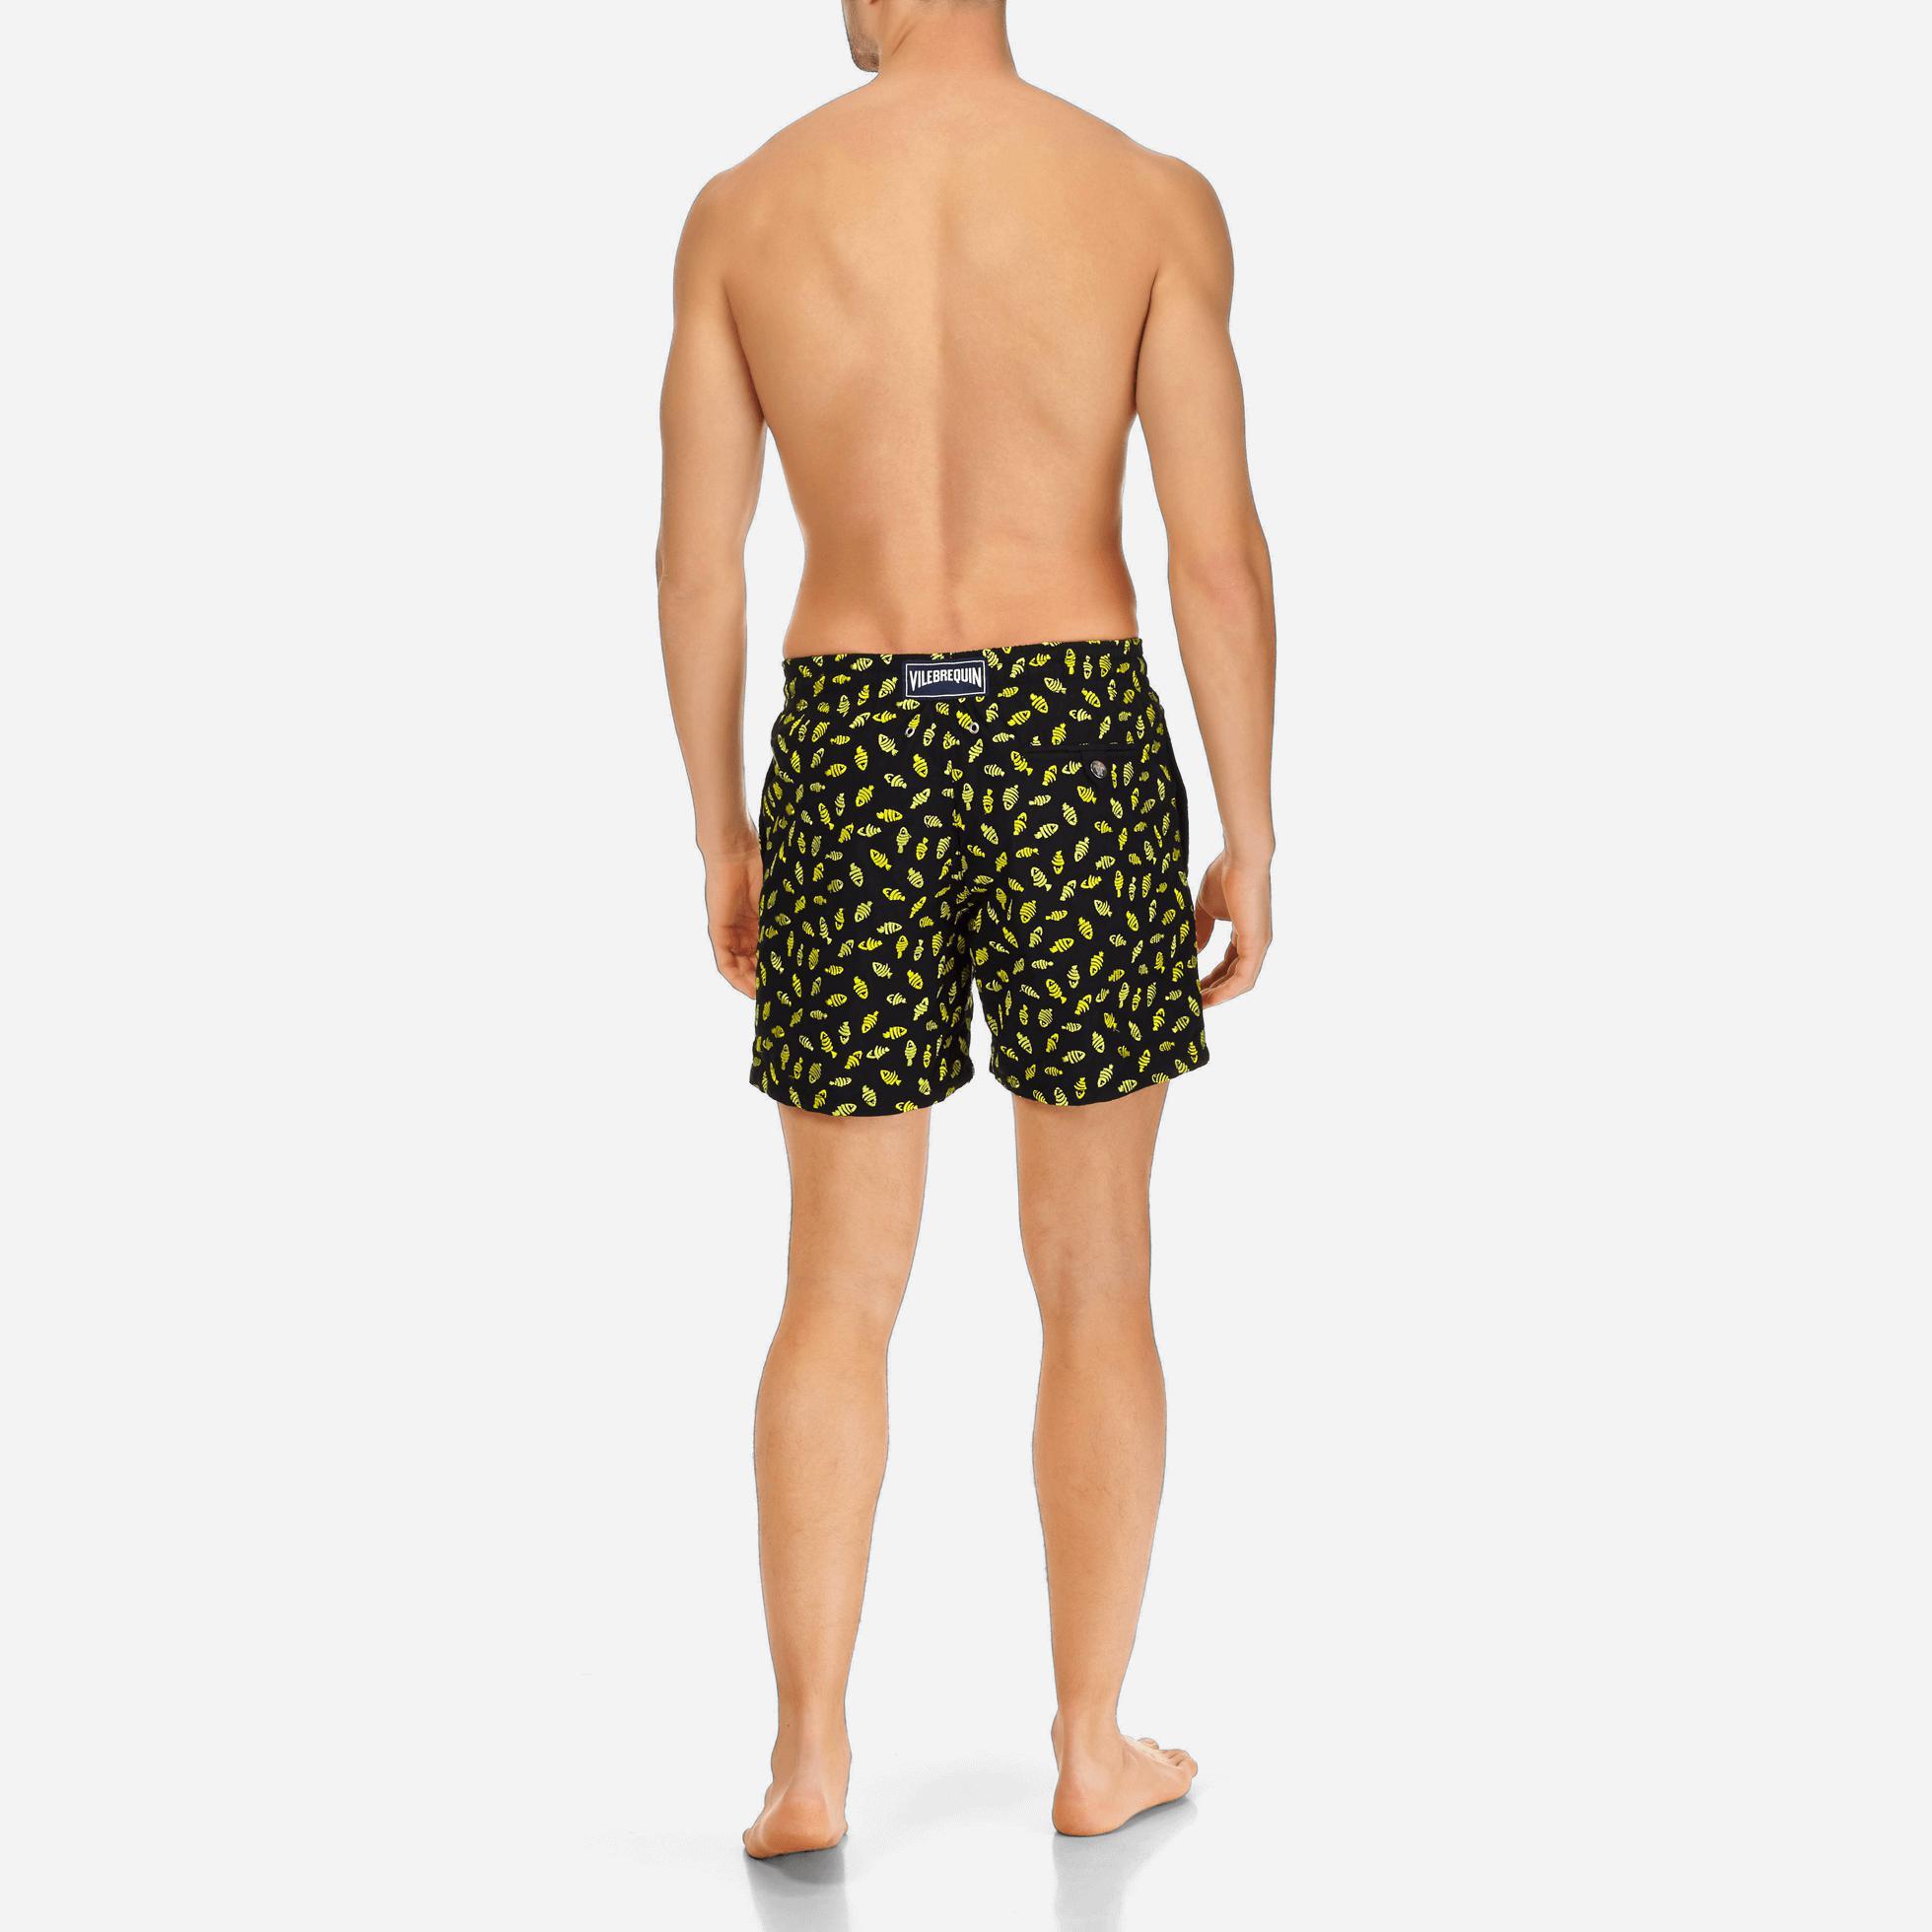 3da40cd126 Vilebrequin Men Swimwear Embroidered Mini Fish - Limited Edition in ...